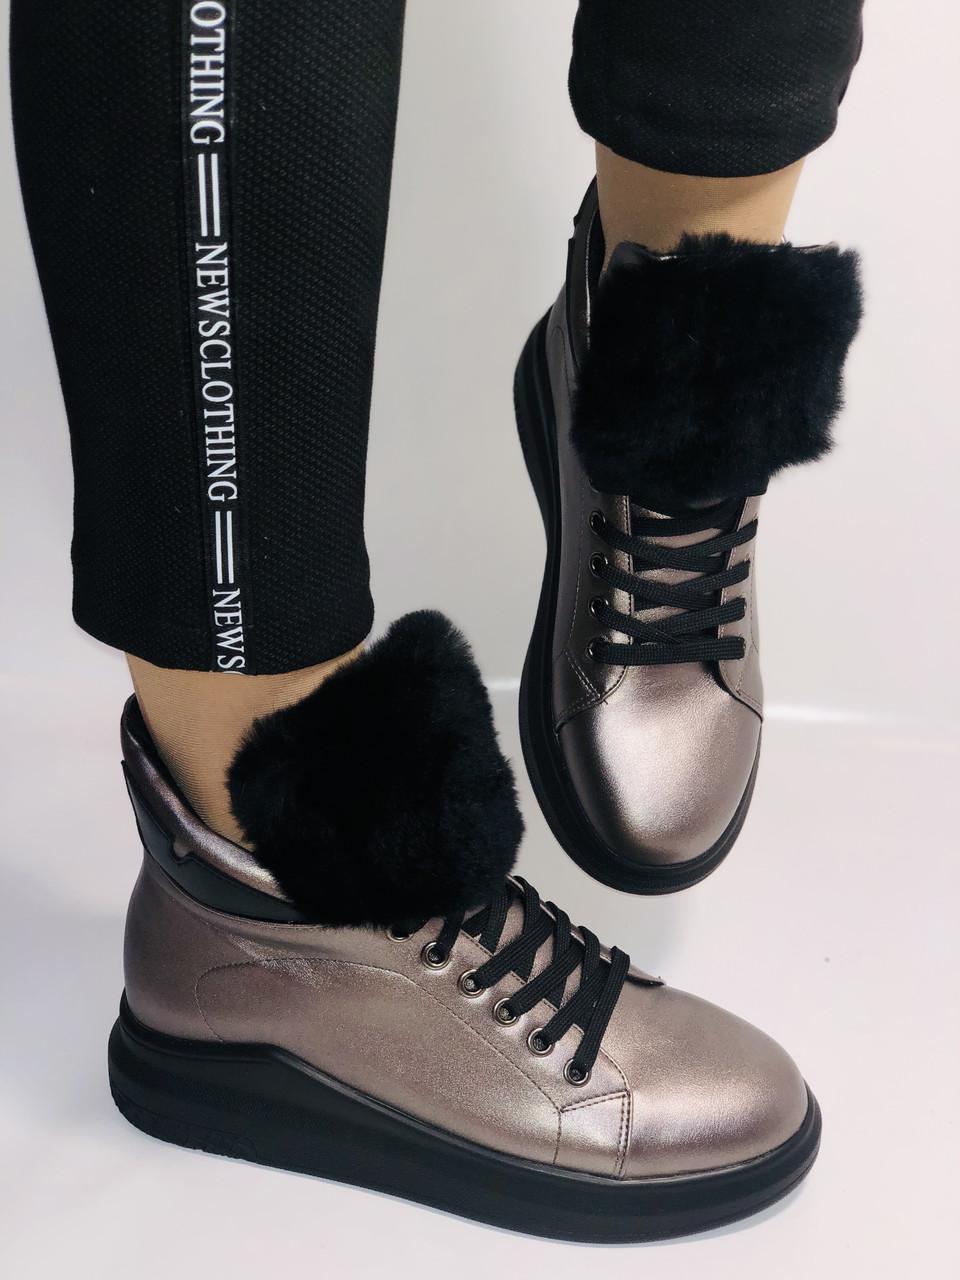 Женские осенние ботинки. На плоской подошве. Lonza. Р.37.38.39.40.Vellena